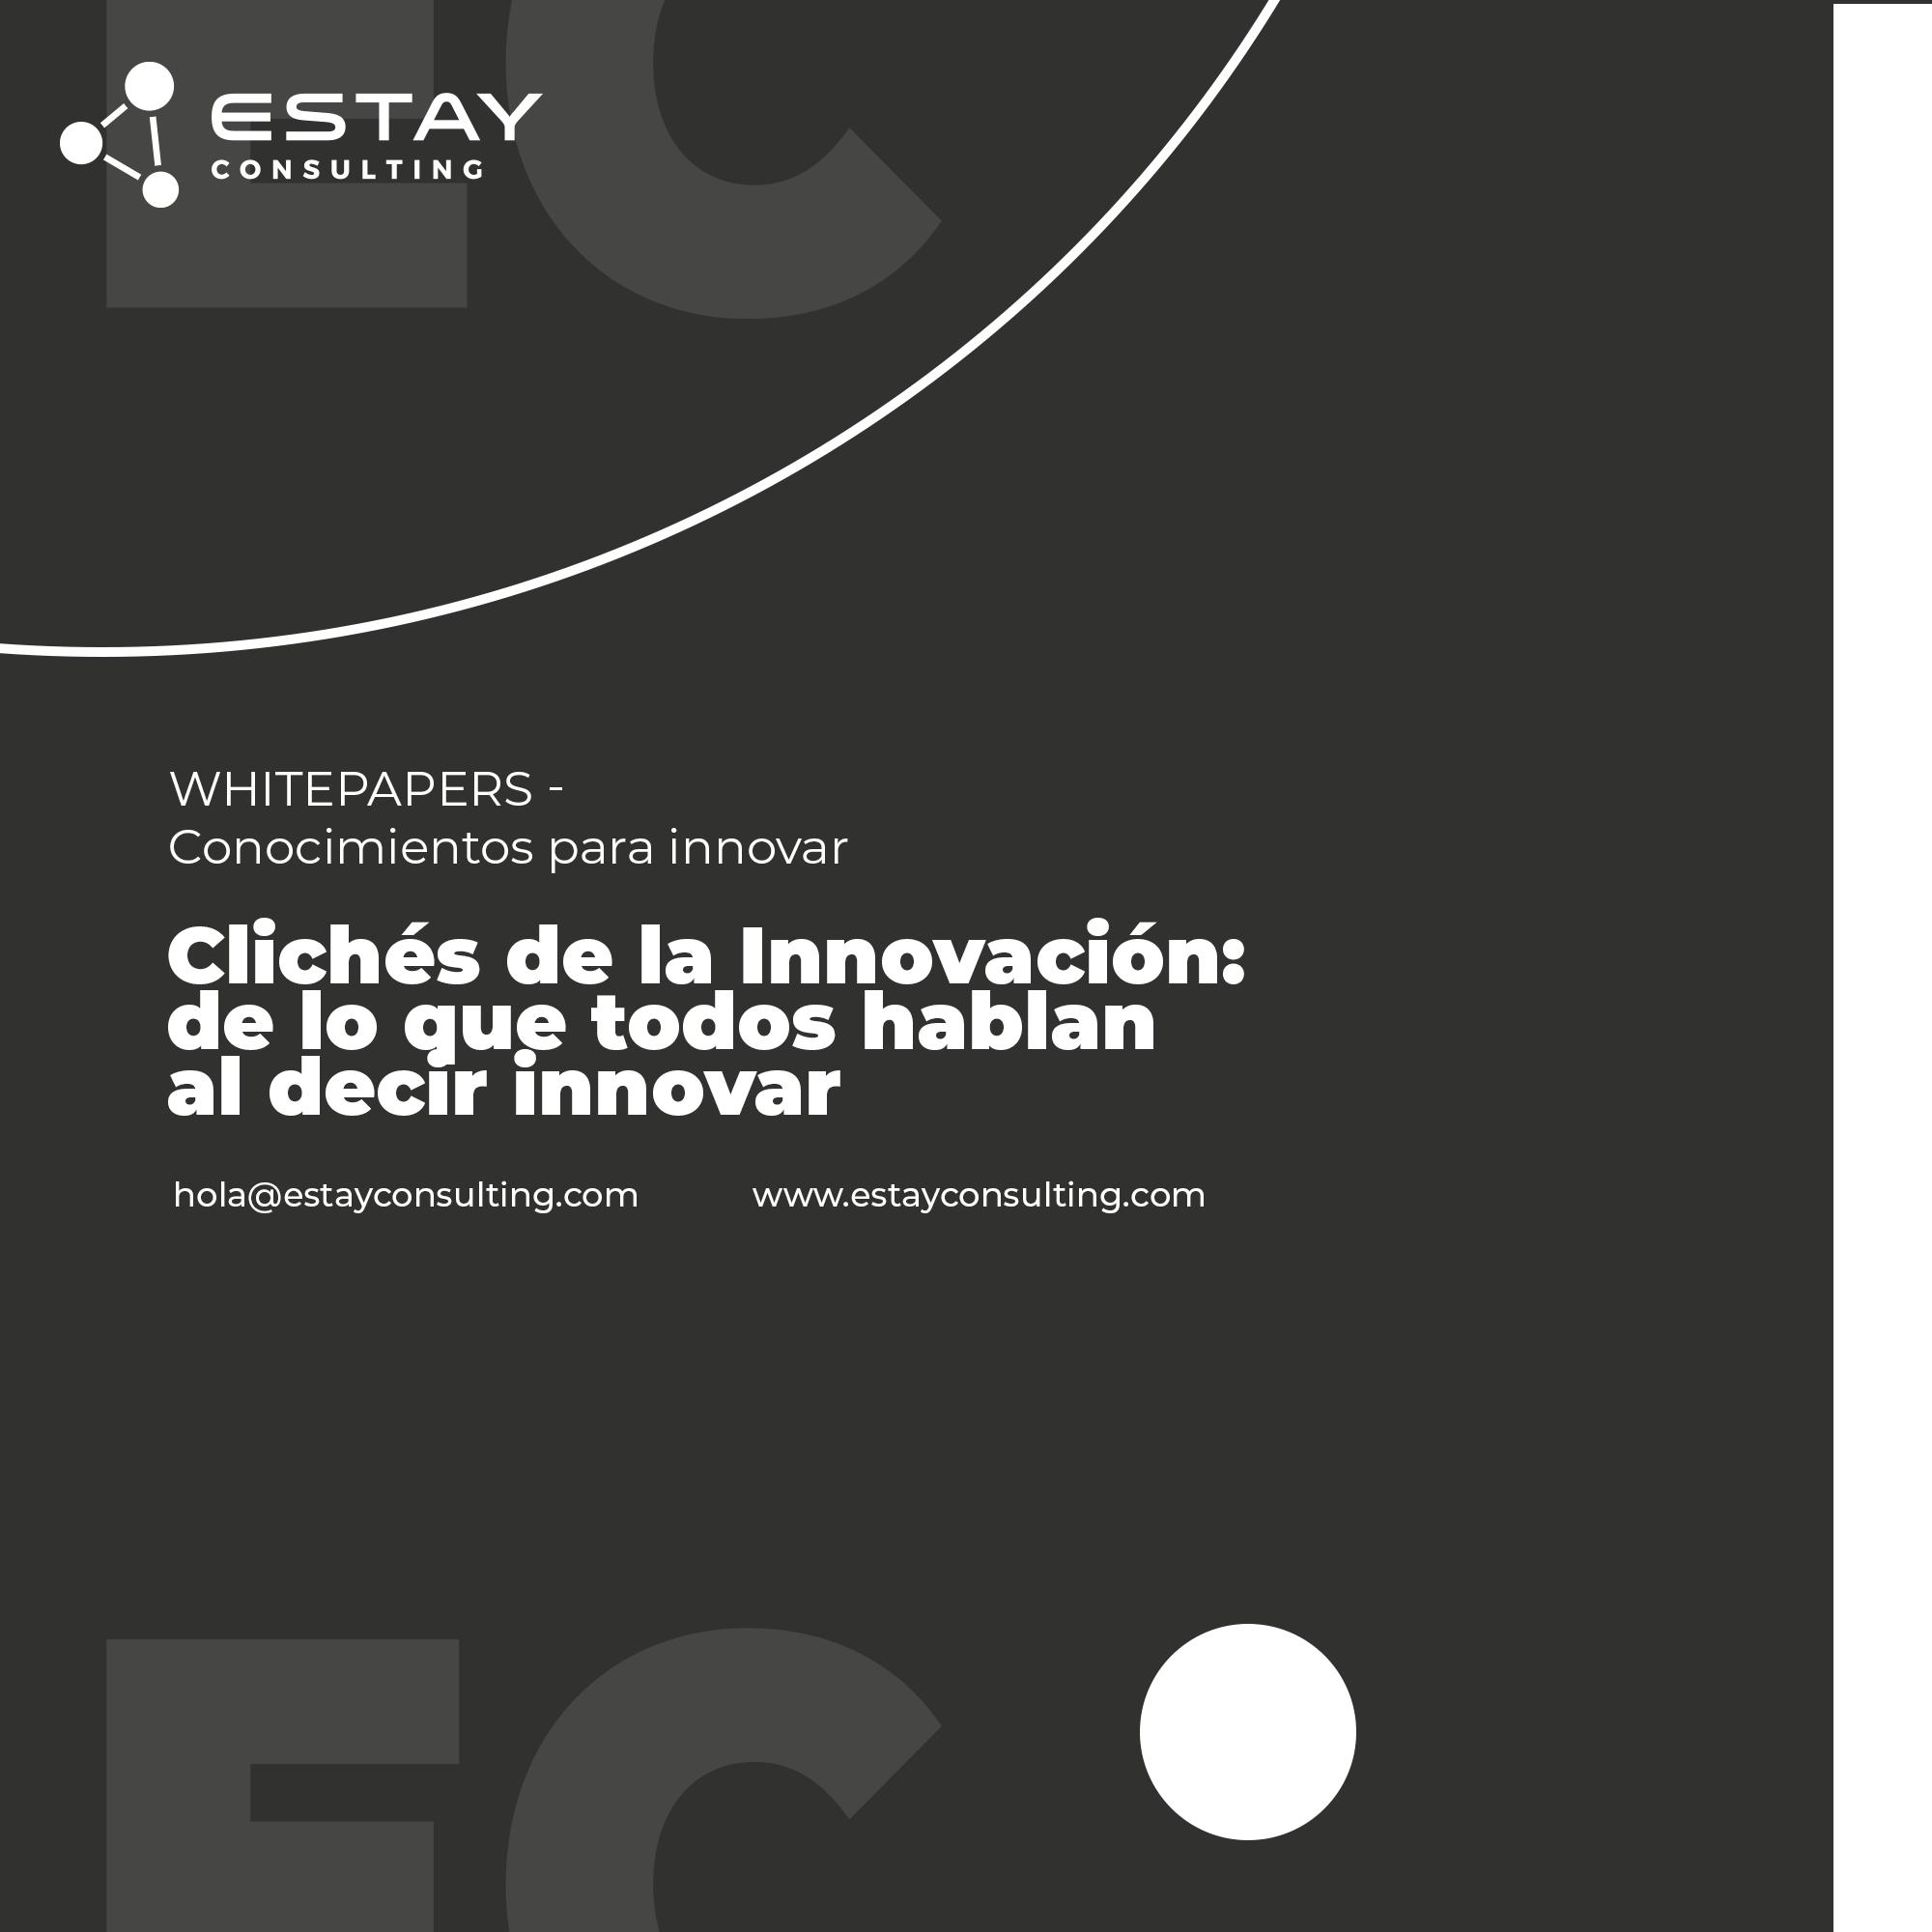 Clichés de la Innovación